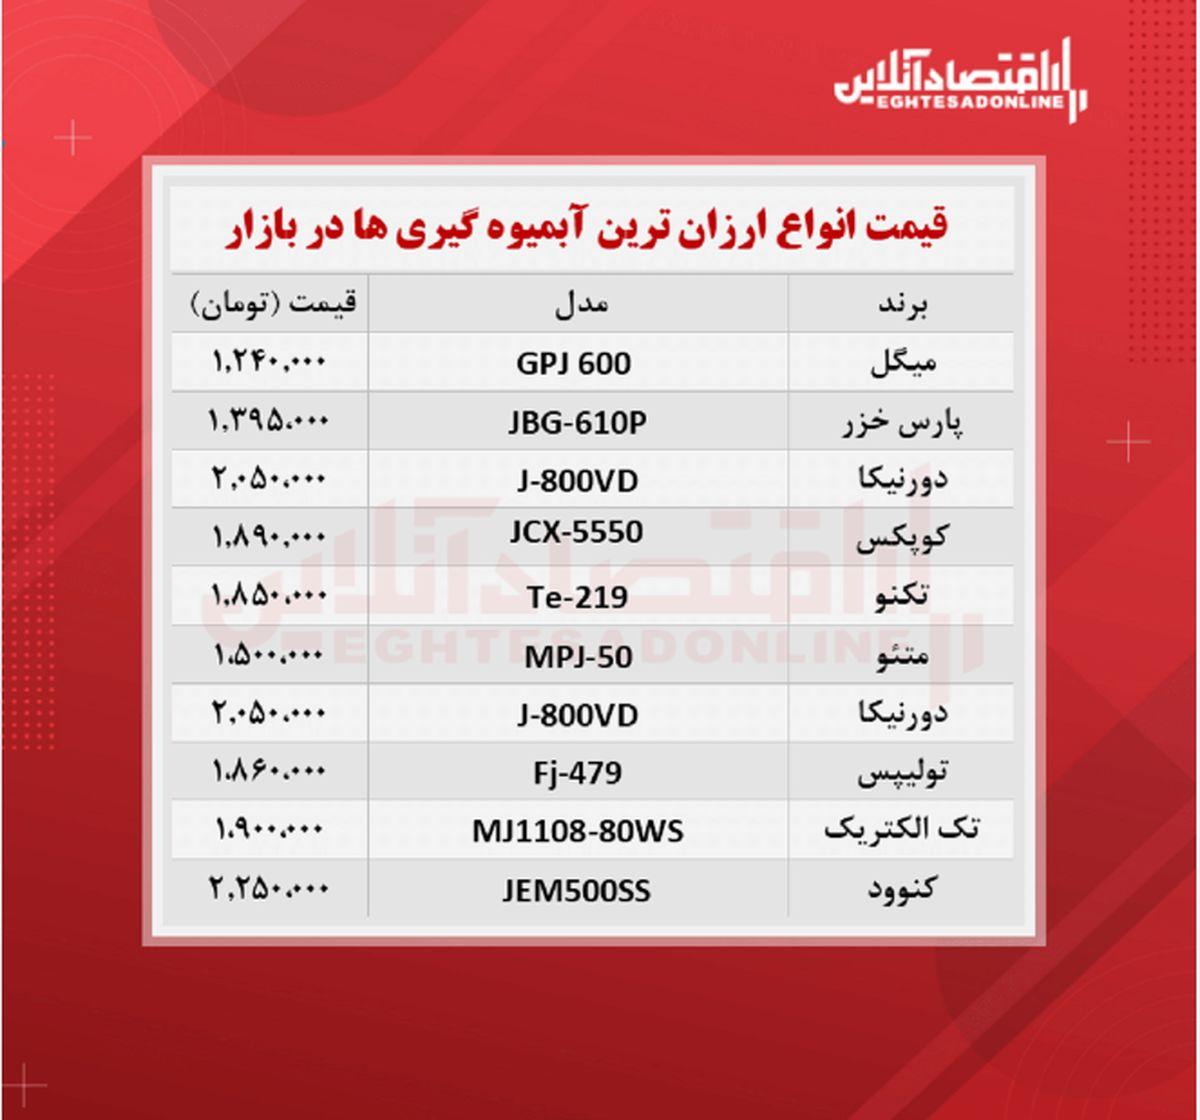 قیمت ارزان ترین مدل های آبمیوه گیری (شهریور۱۴۰۰)